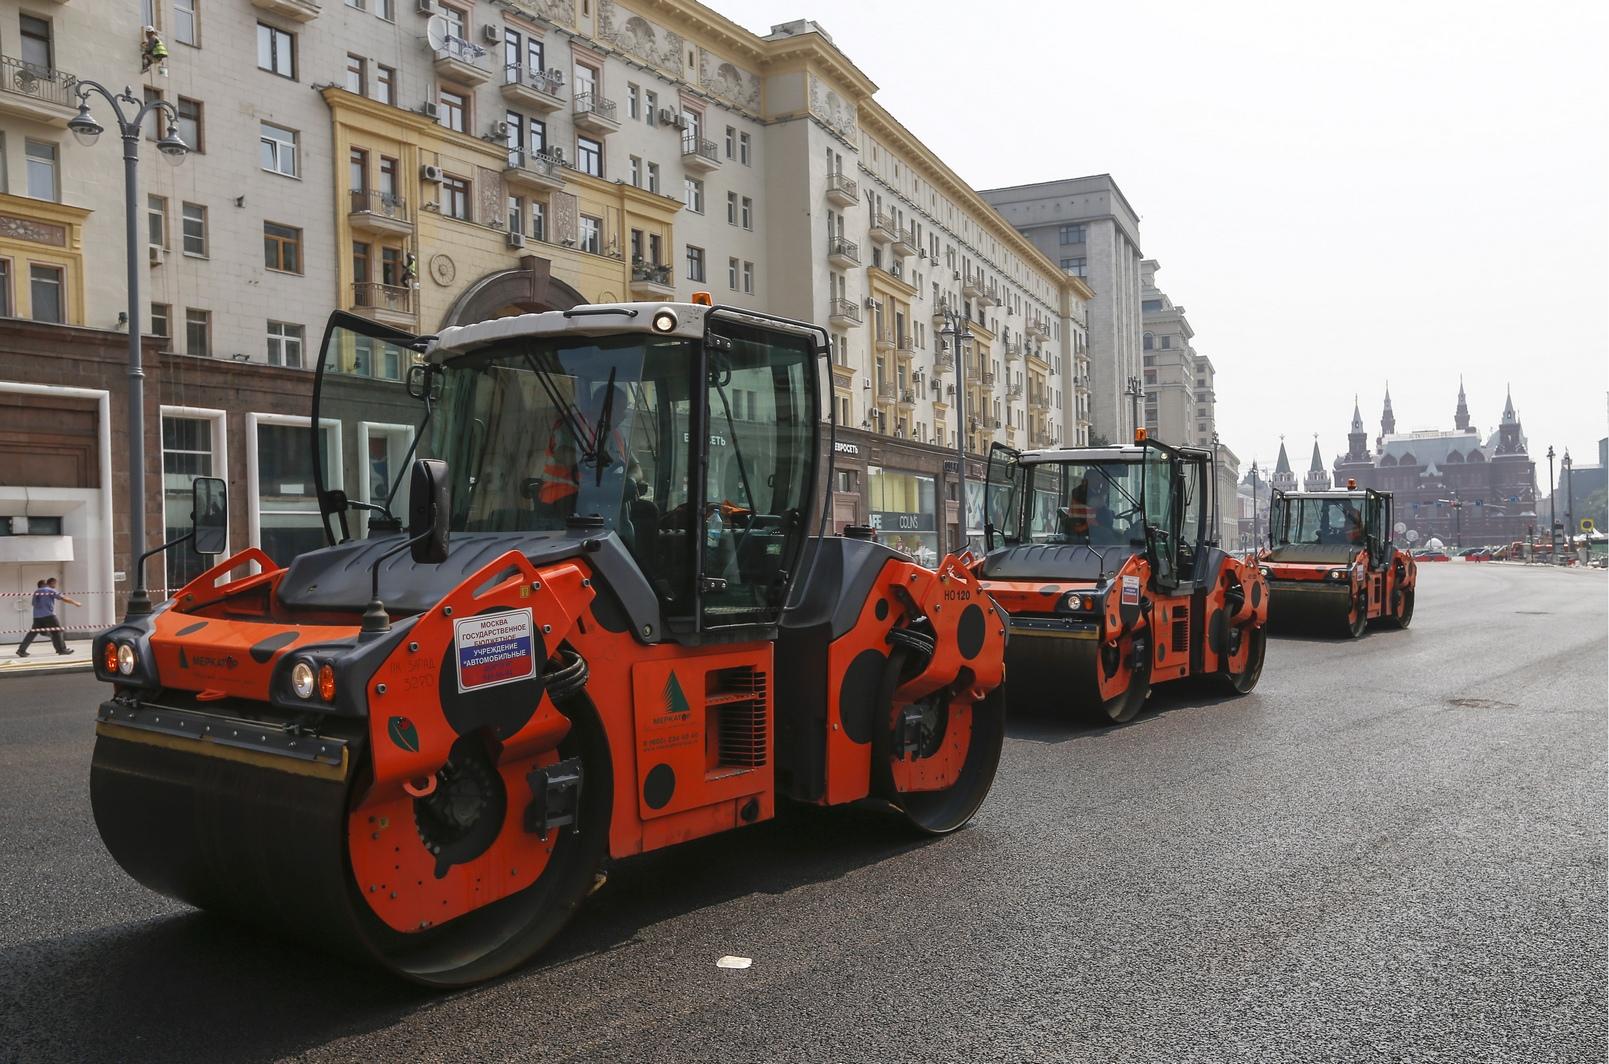 Ремонтные работы на первом участке Тверской, от Моховой улицы до Пушкинской площади, полностьюзавершатся к середине августа